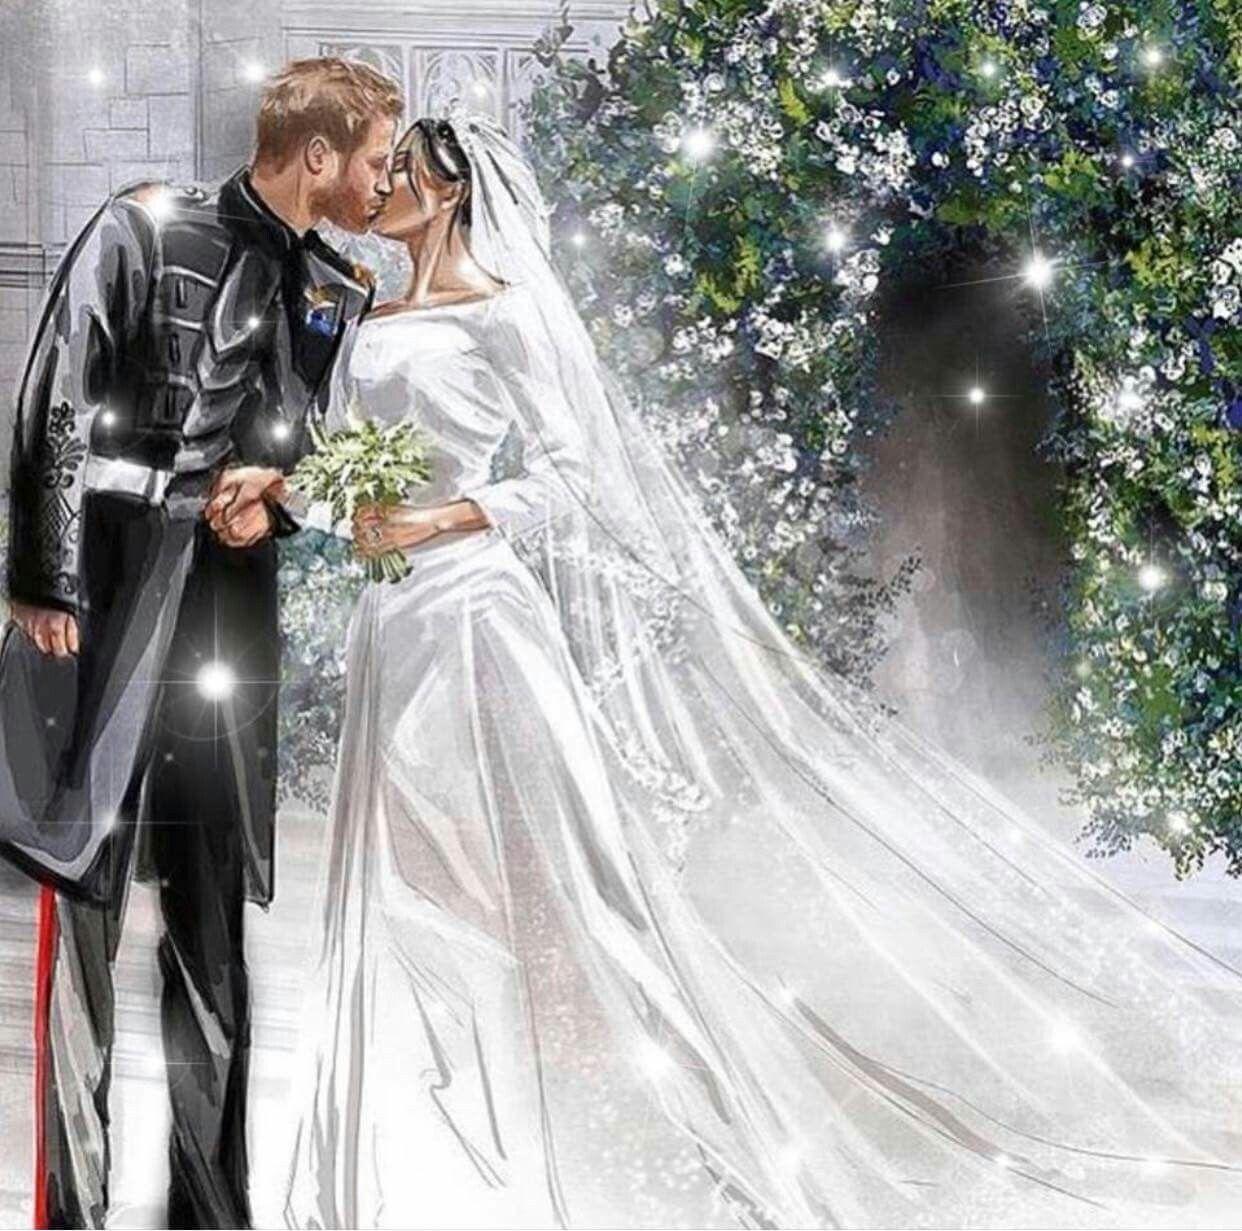 Drawing Of The Royal Wedding Kiss On May 19 2018 Celebrating Royal Wedding Of Prince Harry To Ms Harry Wedding Harry And Meghan Wedding Prince Harry And Megan